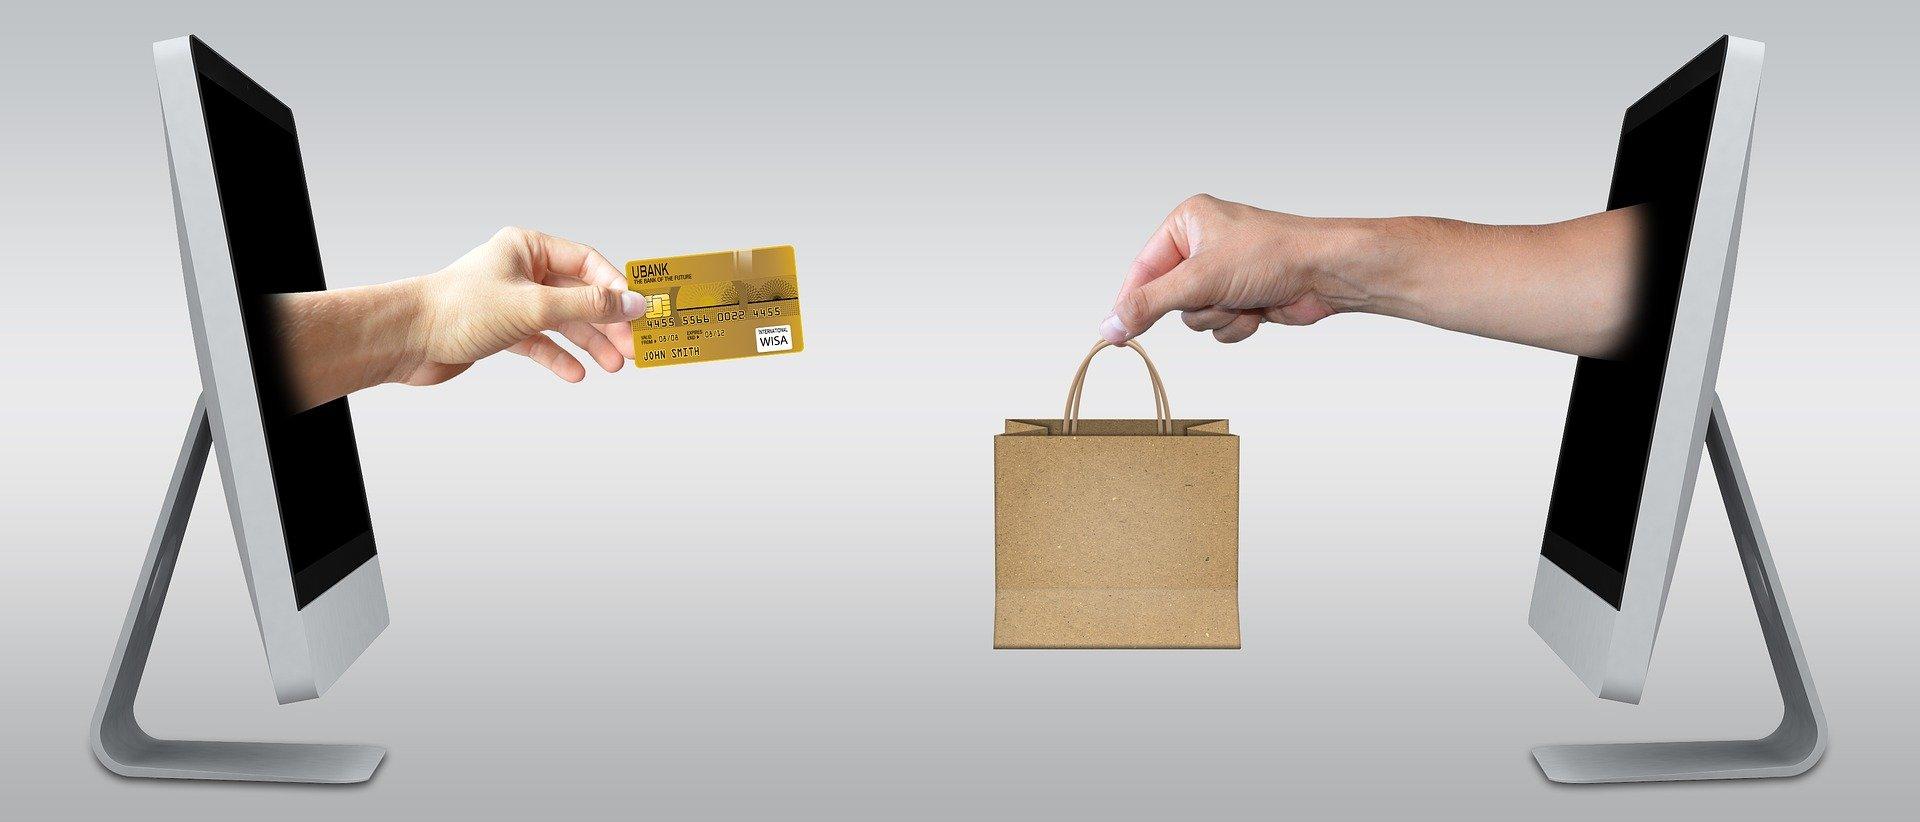 Hoy en día el 40% de las ventas se generán por internet